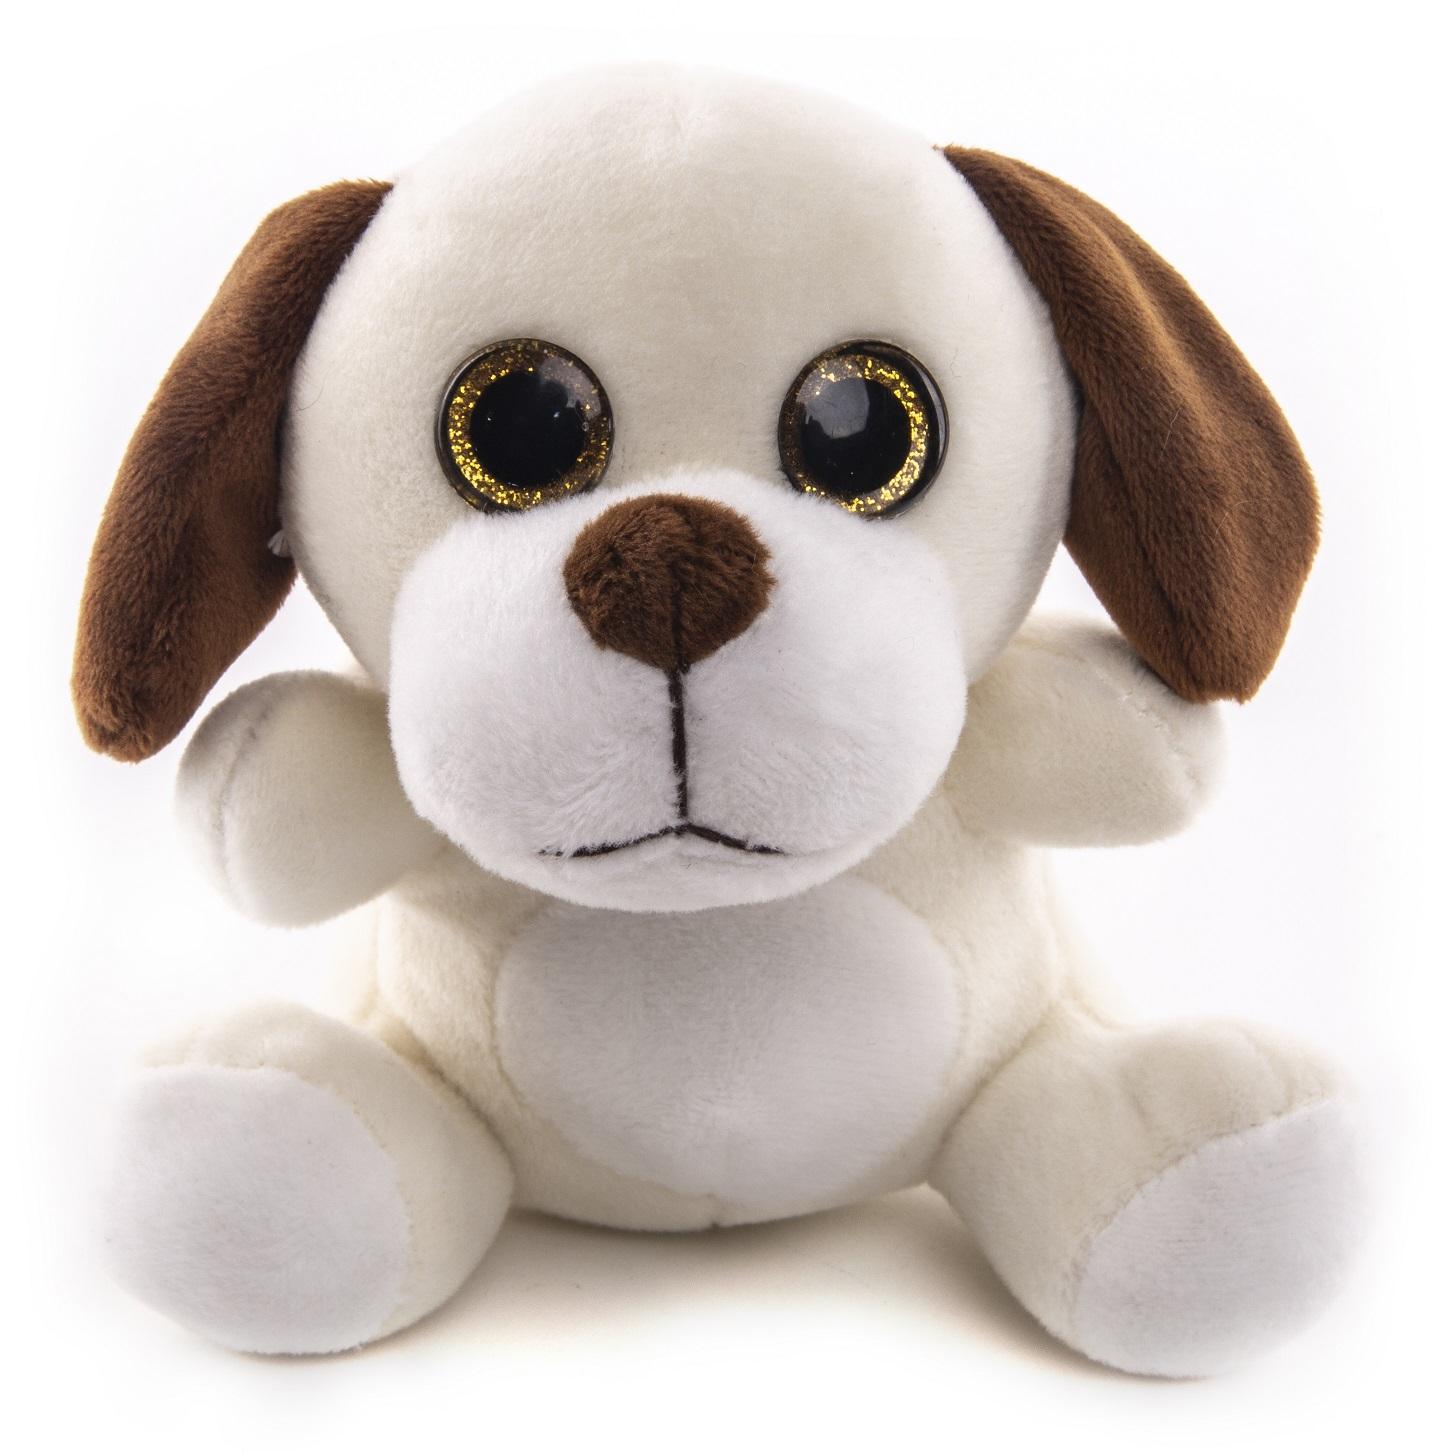 Купить Мягкая игрушка ButtonBlue, Собачка, 15 см 40-SY7706-15, Button Blue, Мягкие игрушки животные